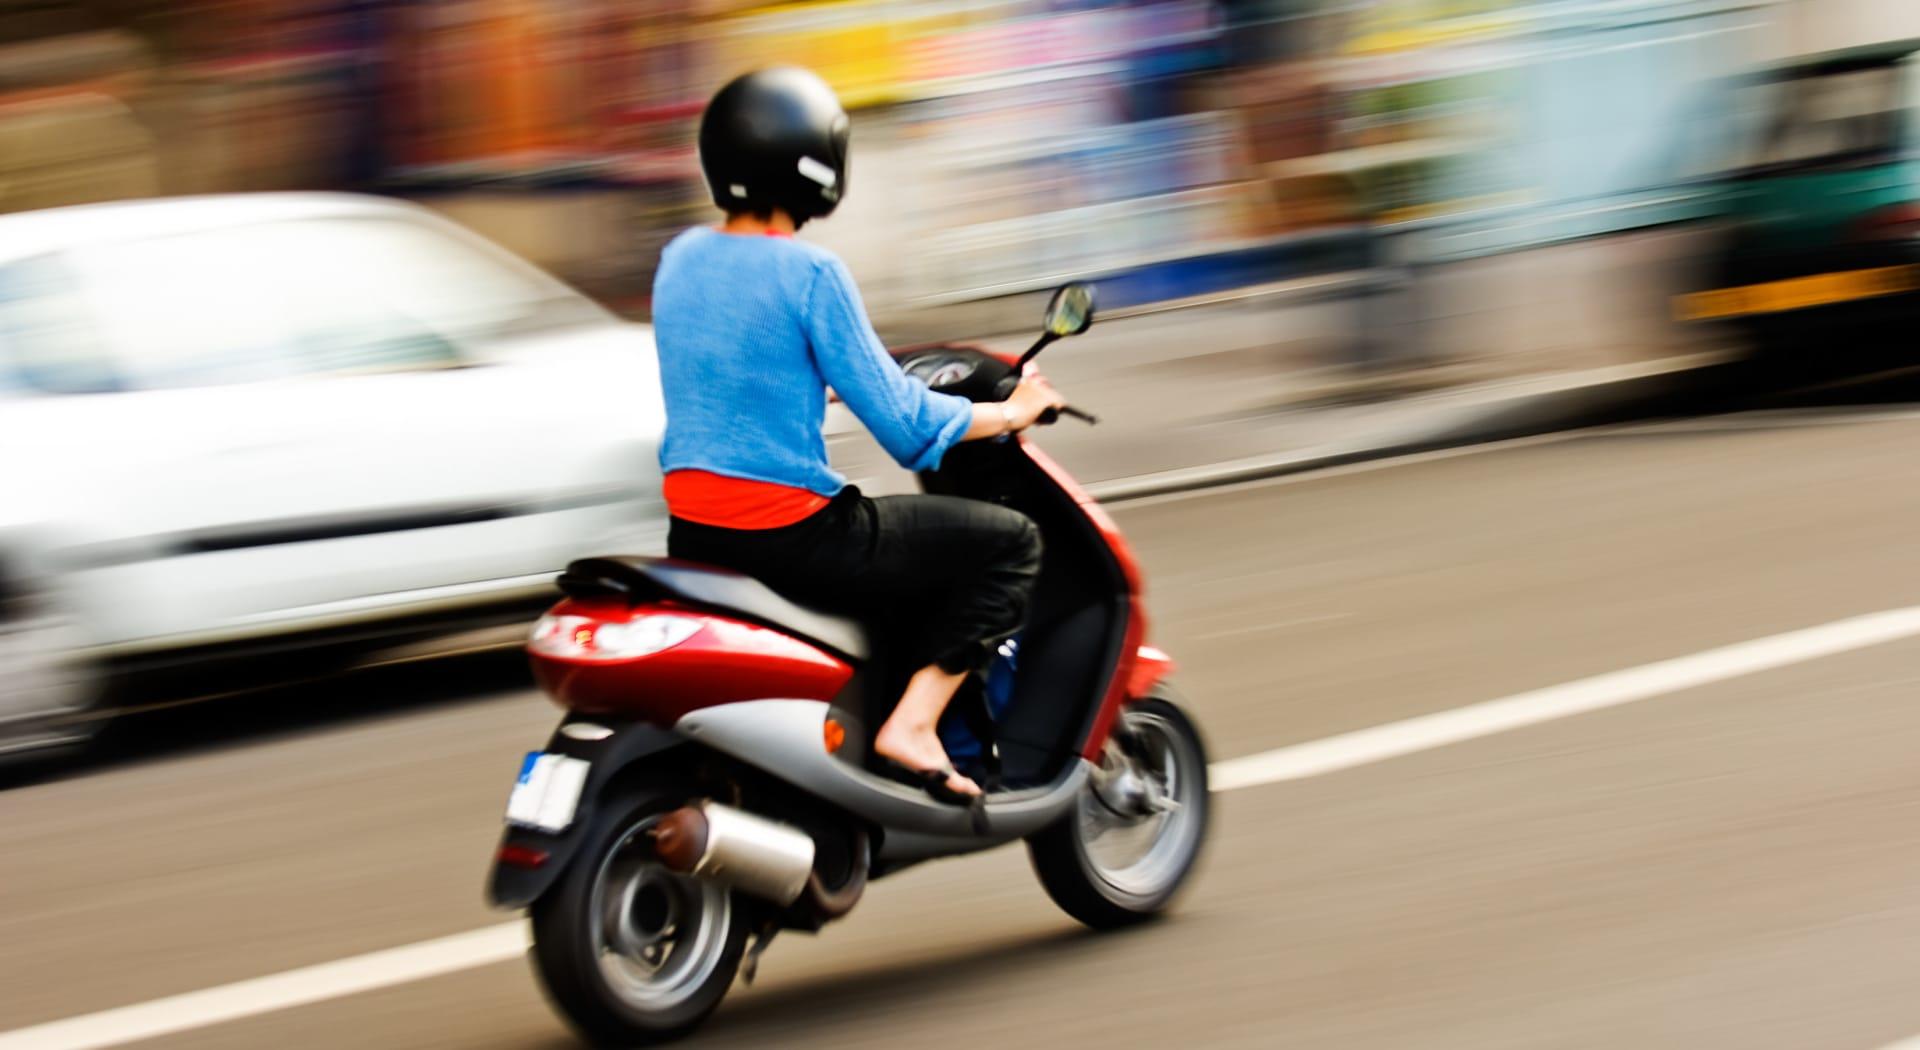 Mann vant krav om erstatning i tingretten etter scooterulykke, men nå har selskapet anket.